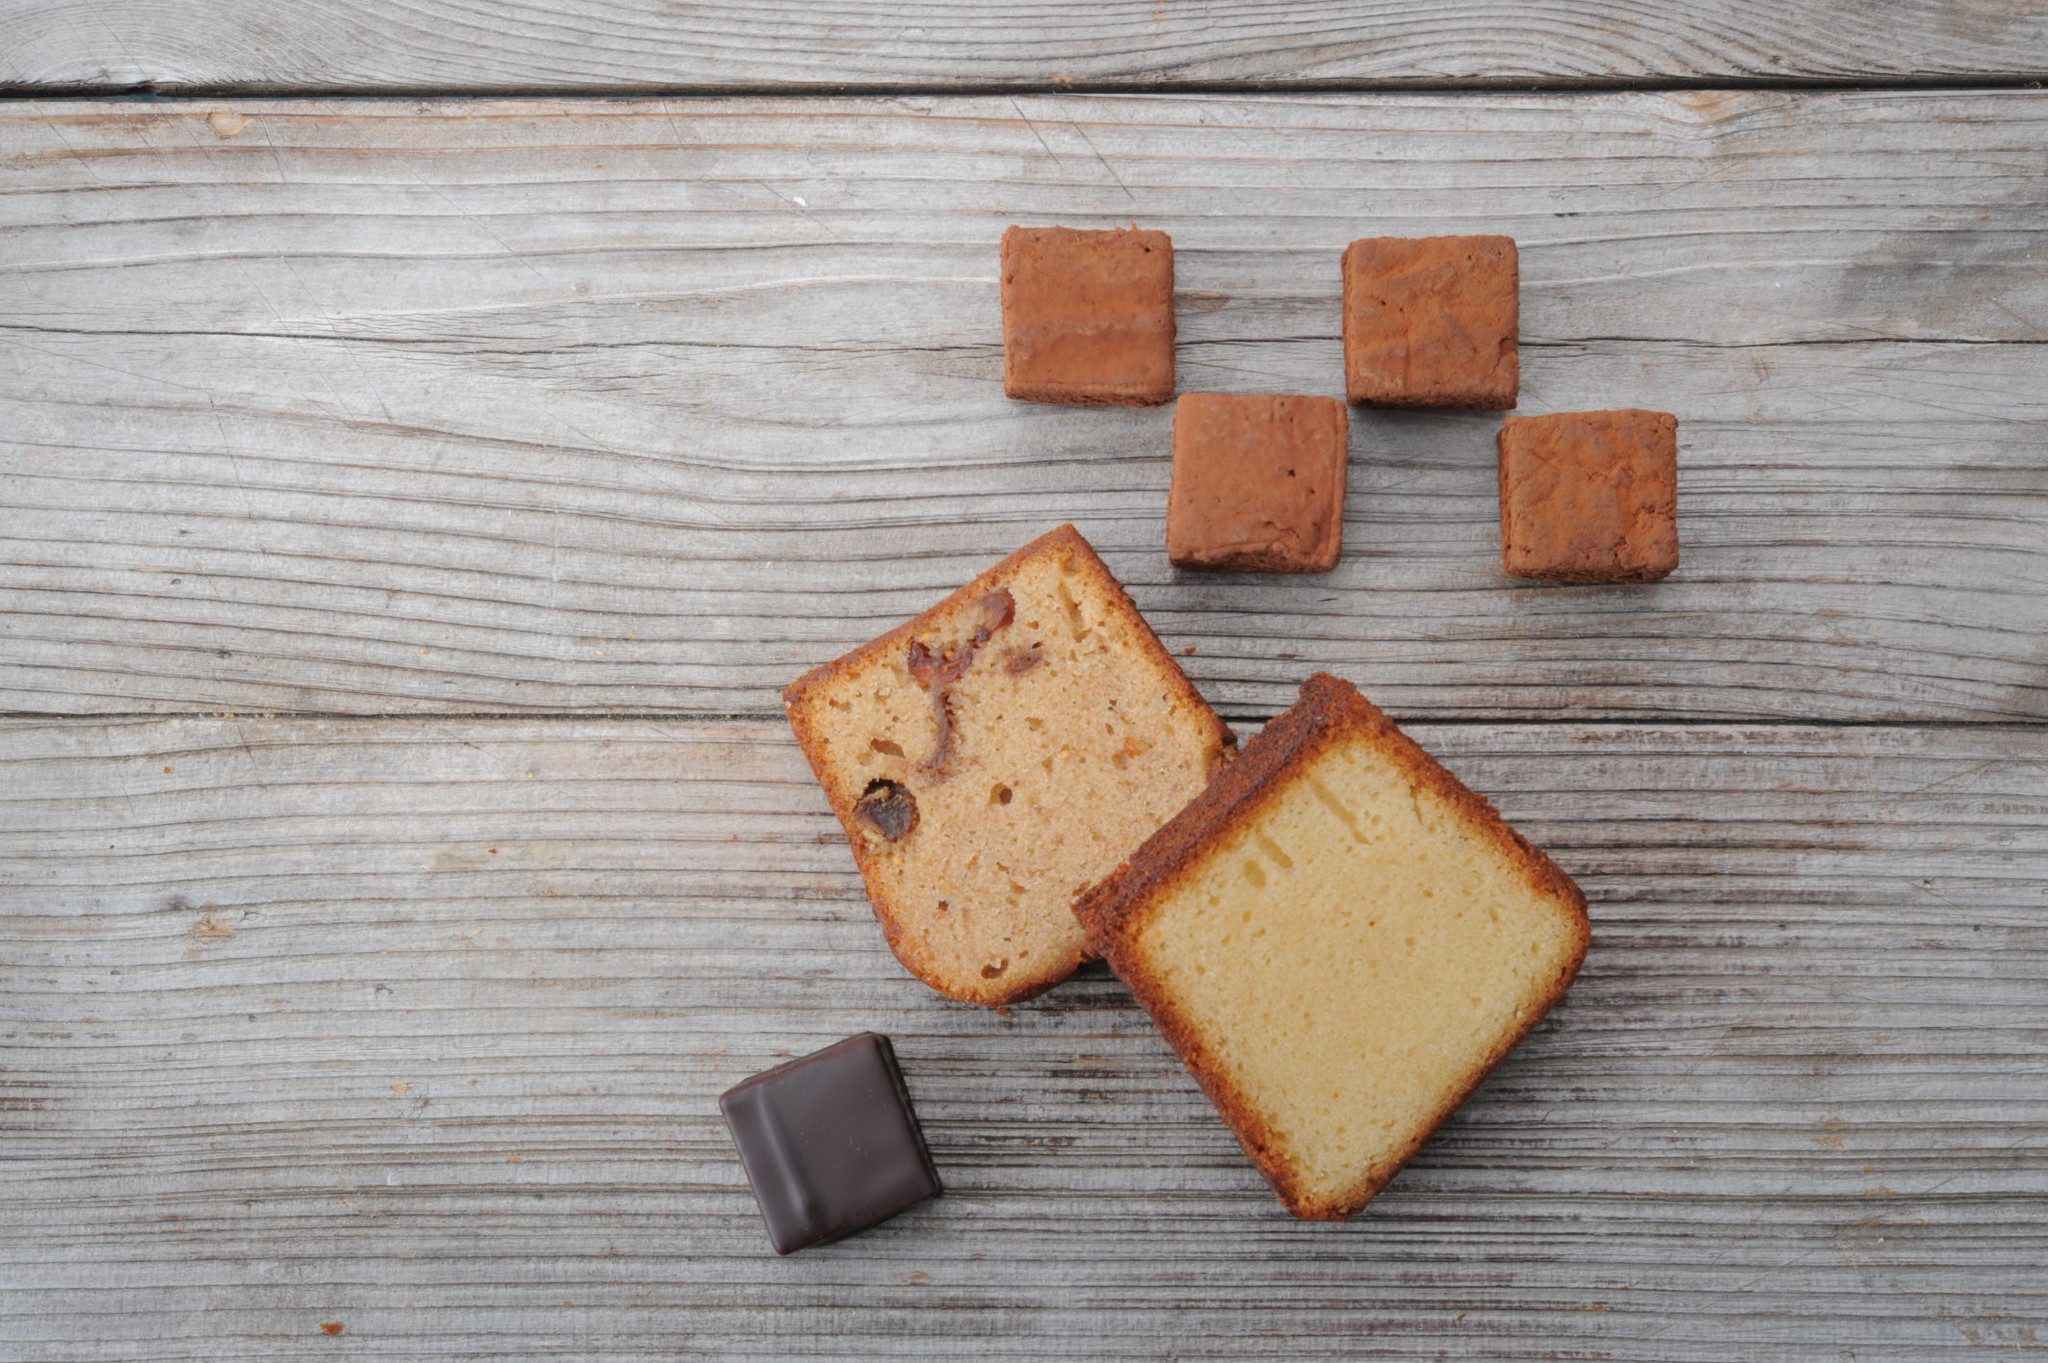 焼き菓子とショコラのテイスティングセット、はじめました!